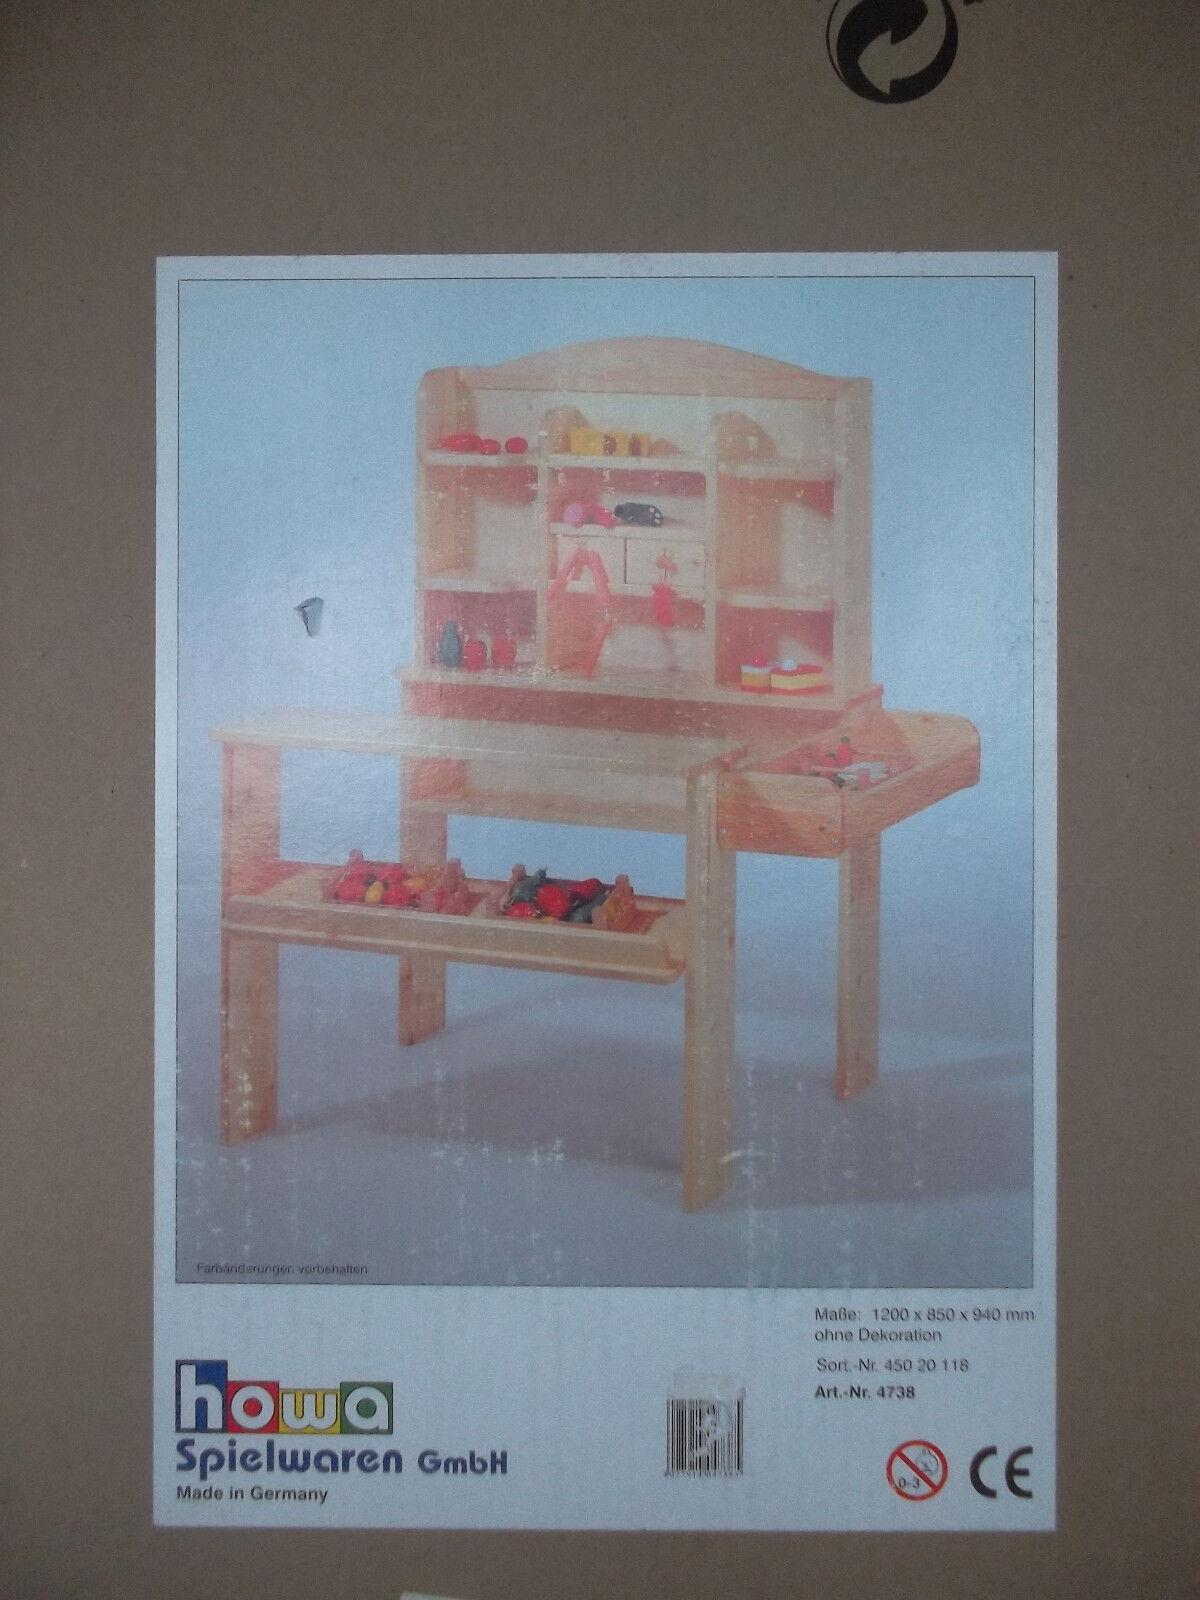 Kaufladen / Kaufmannsladen (HOWA) >>>NEUWARE<<<